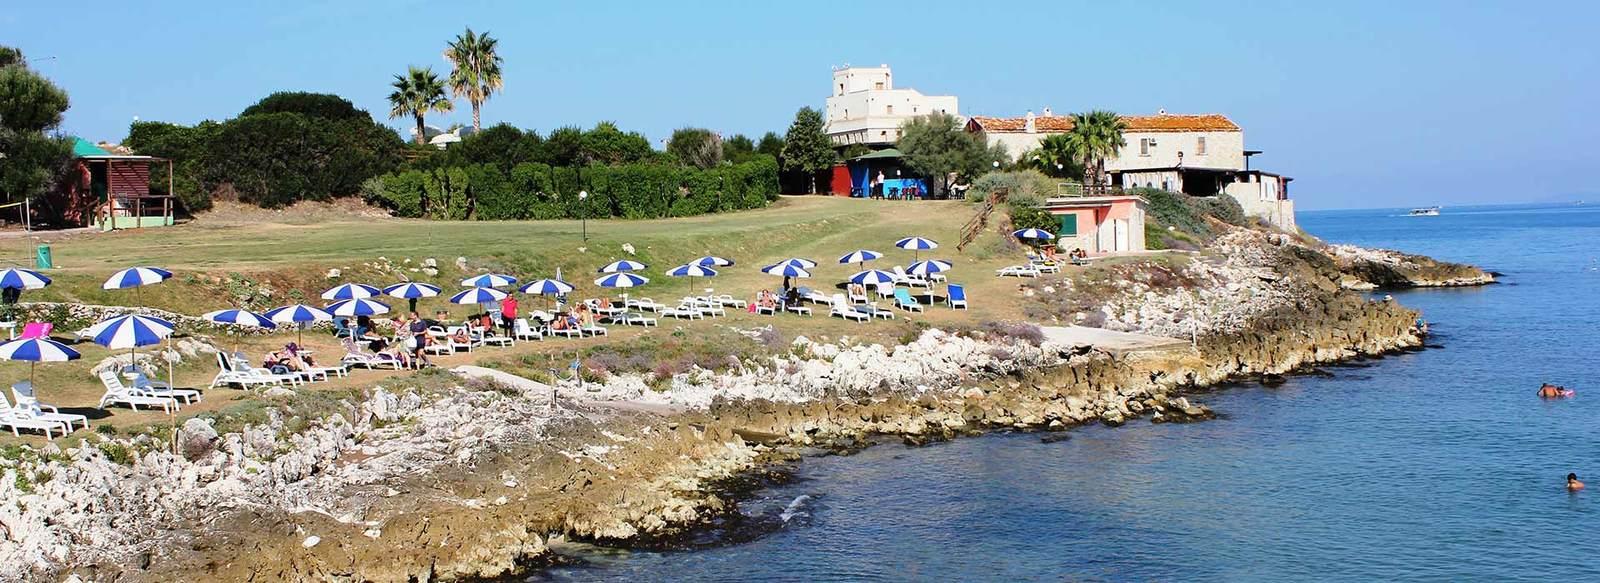 Villaggio per famiglie, direttamente sul mare